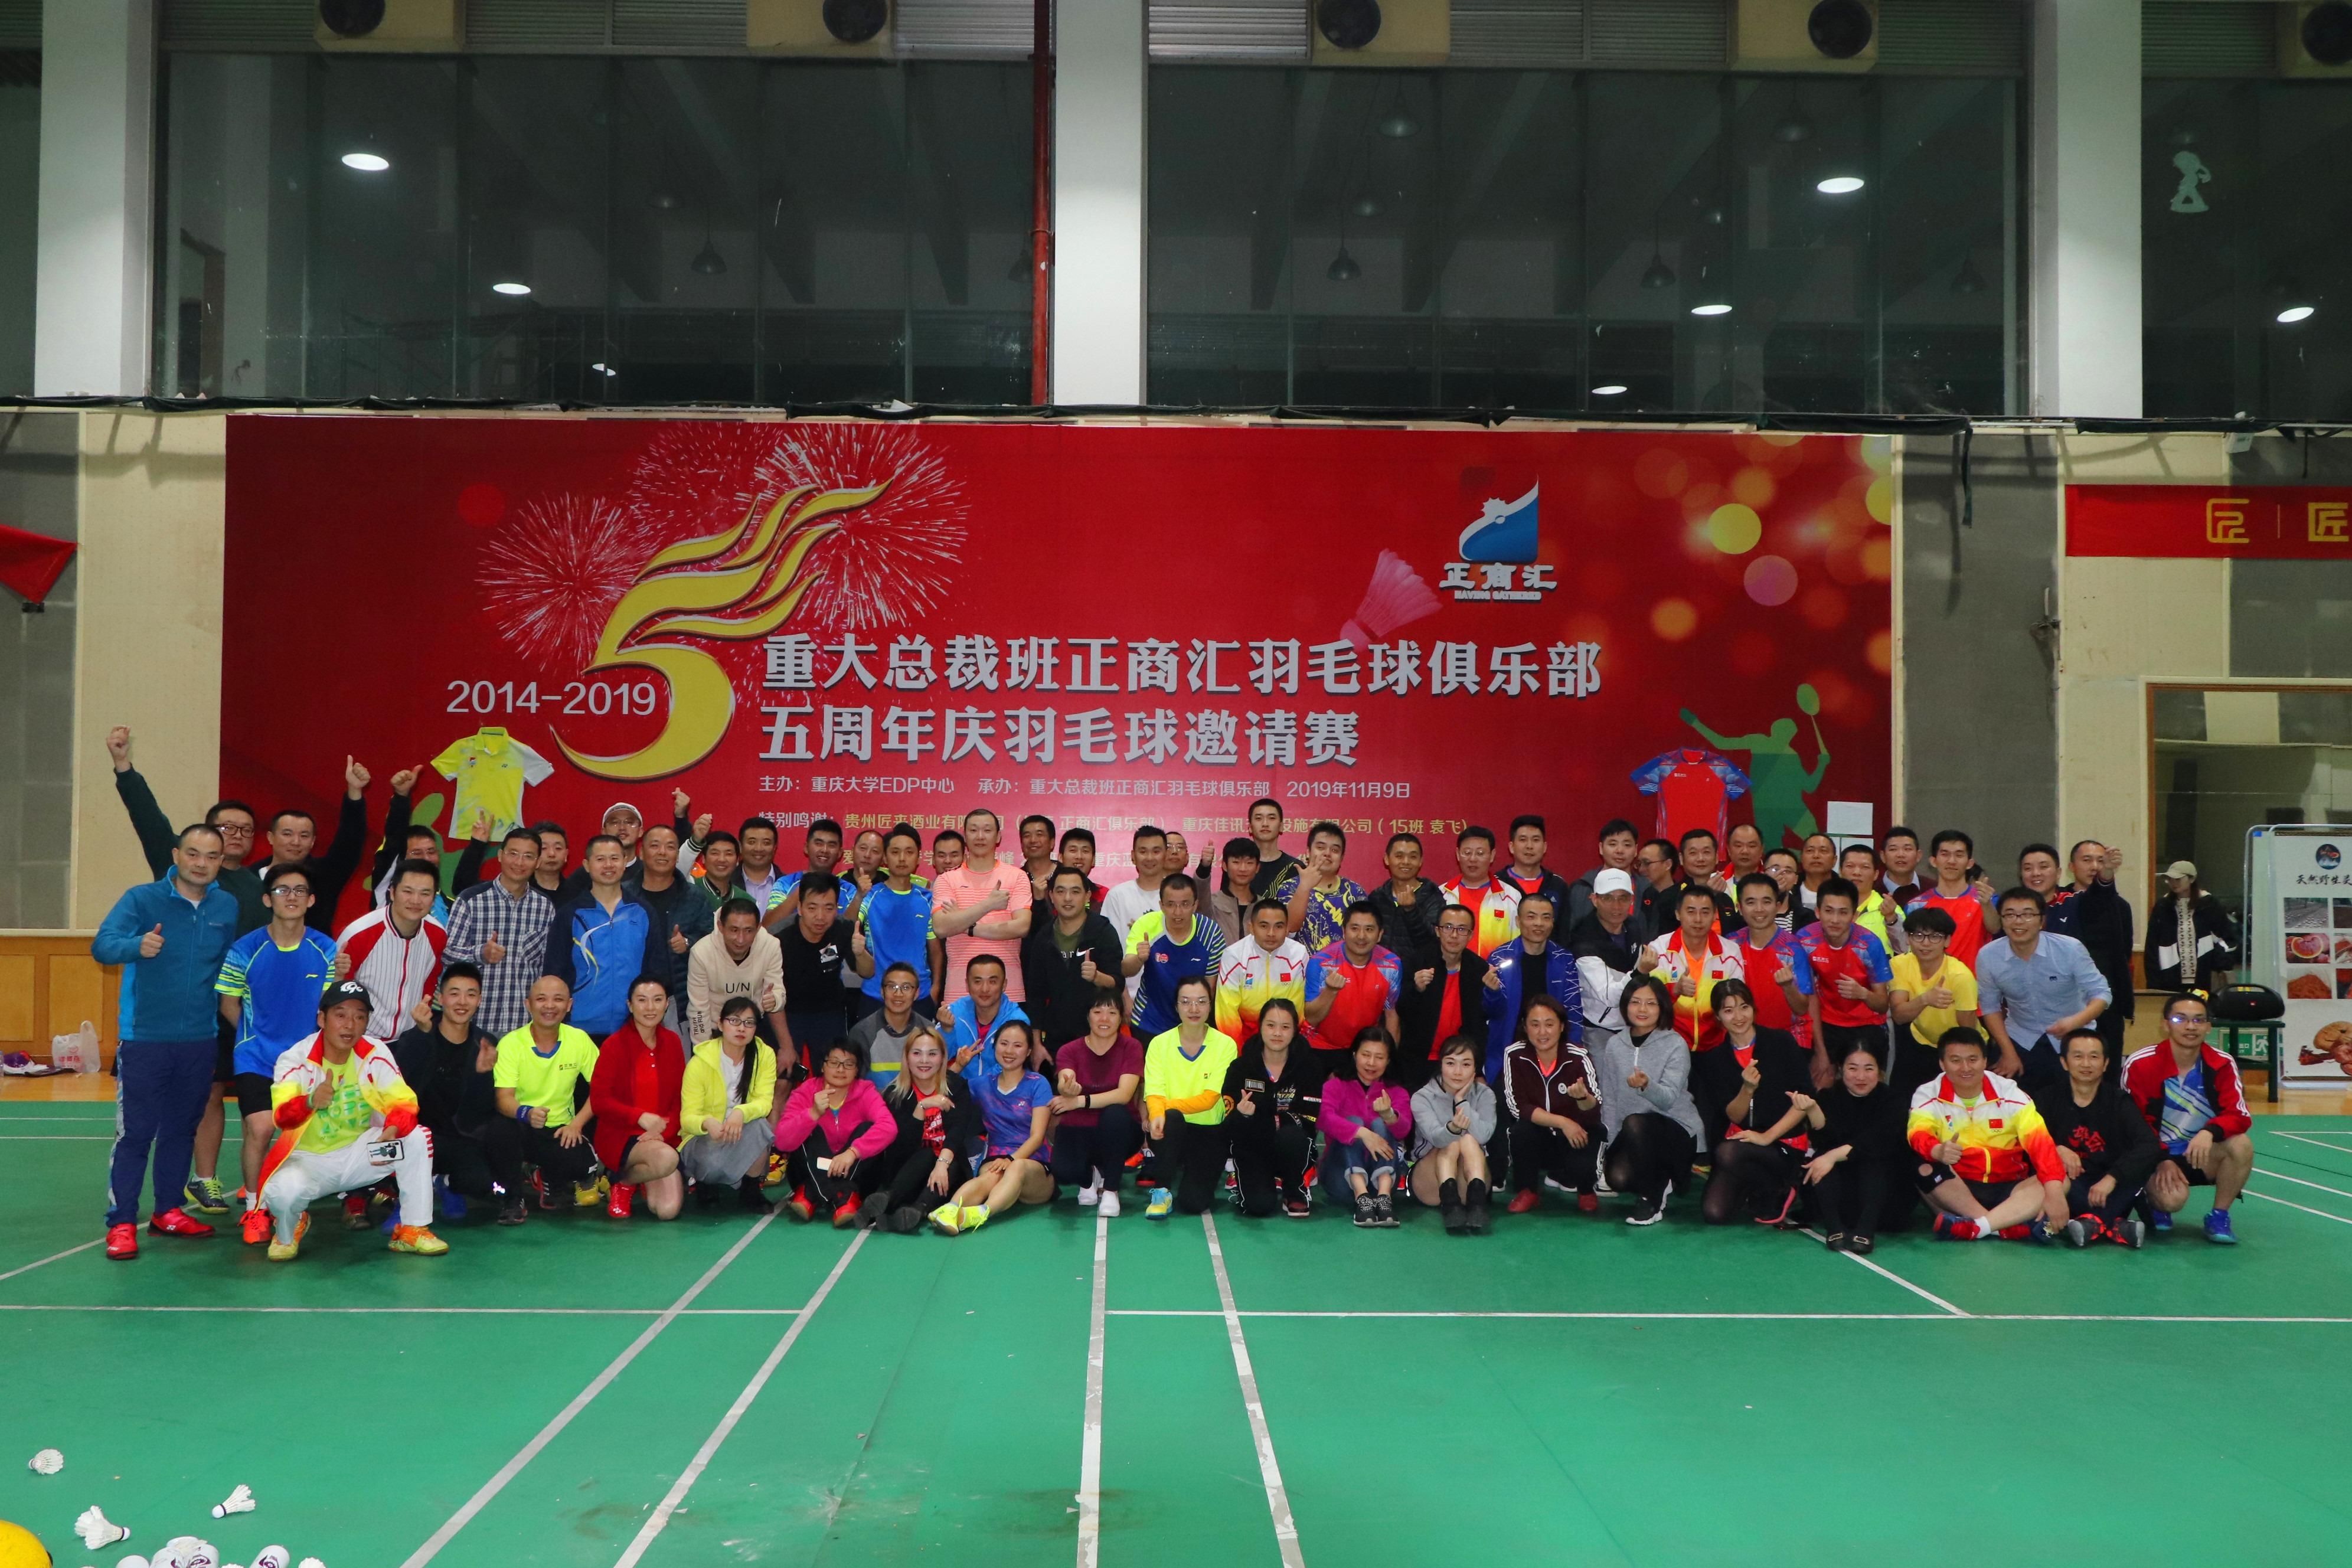 重庆大学高级工商管理研修班正商汇羽毛球俱乐部五周年庆邀请赛成功举行